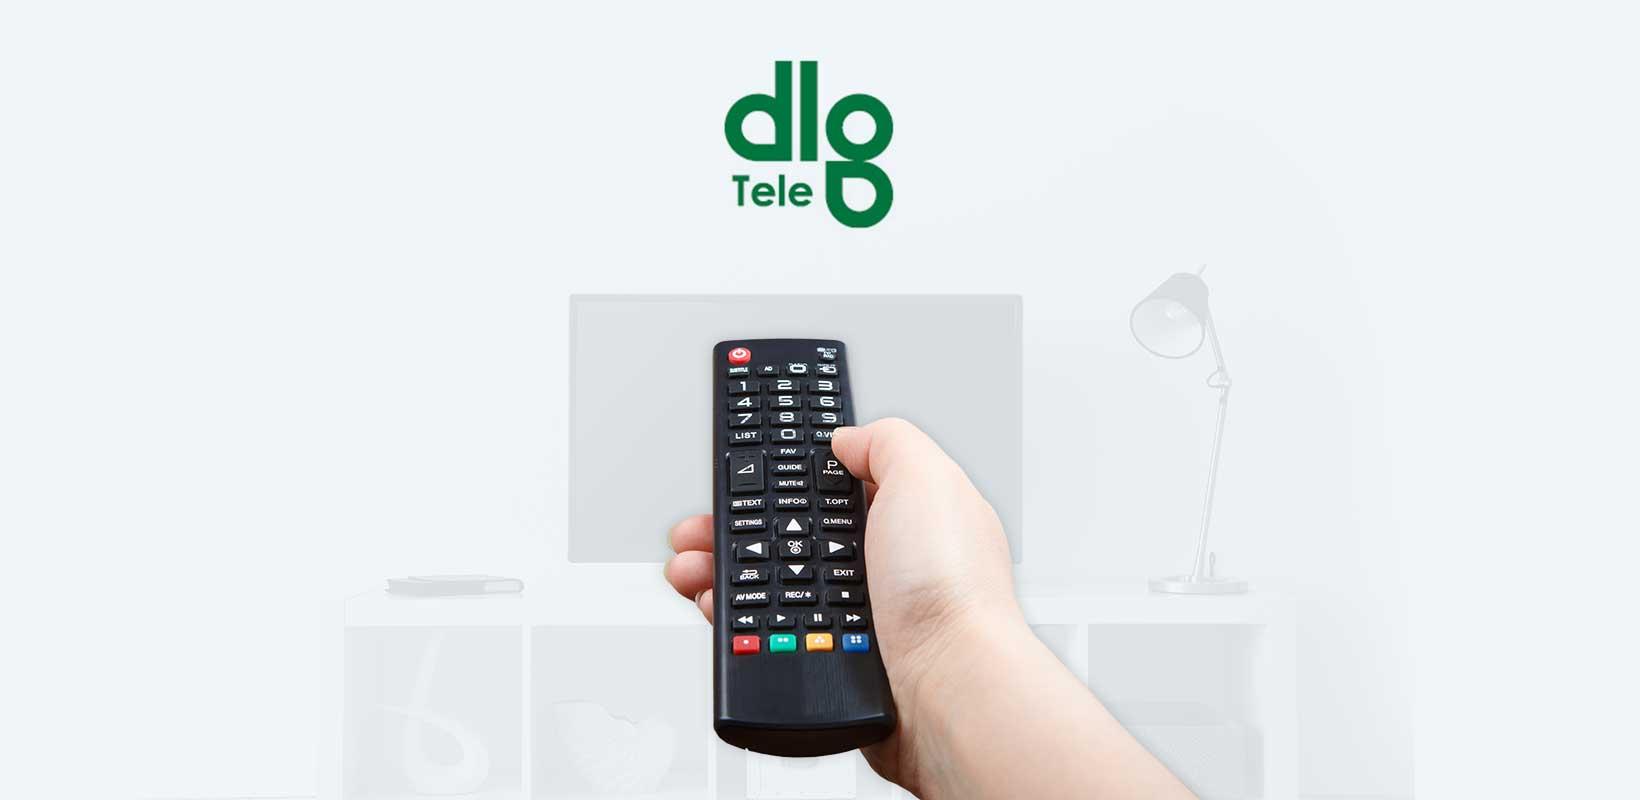 dlg-tv